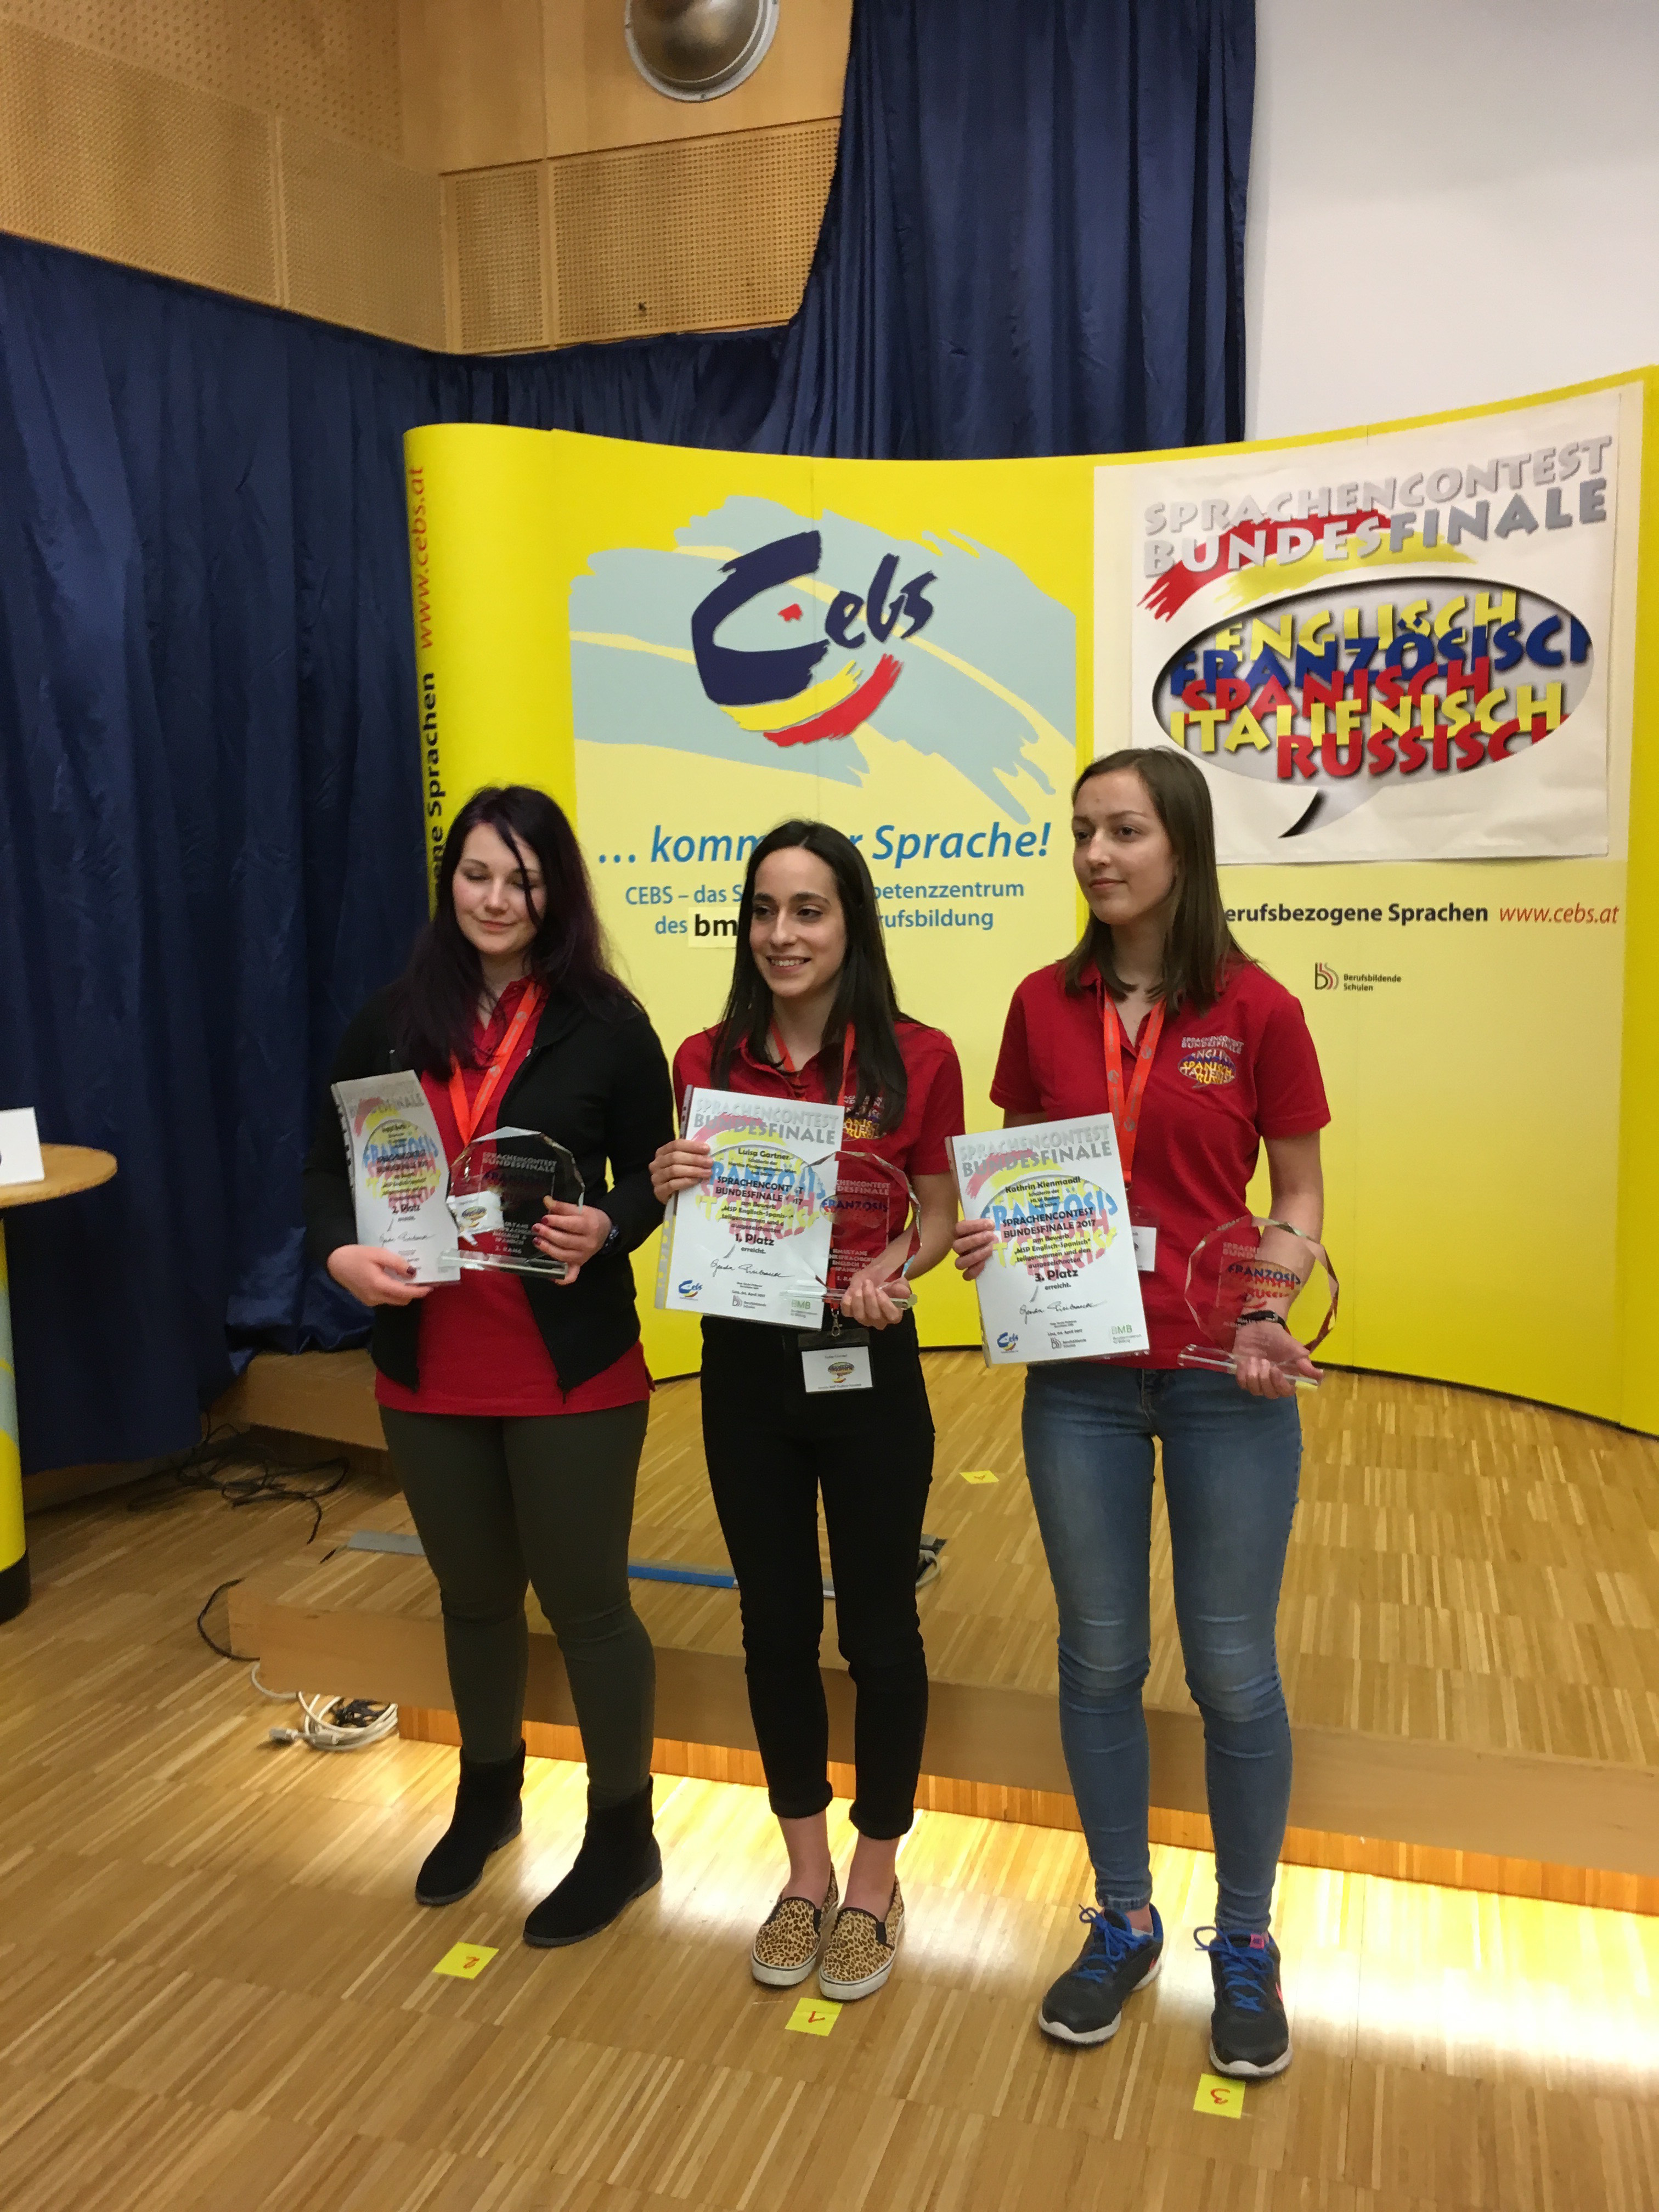 Luisa Gartner hat den FS-Wettbewerb in Linz in der Kategorie E/Sp gewonnen